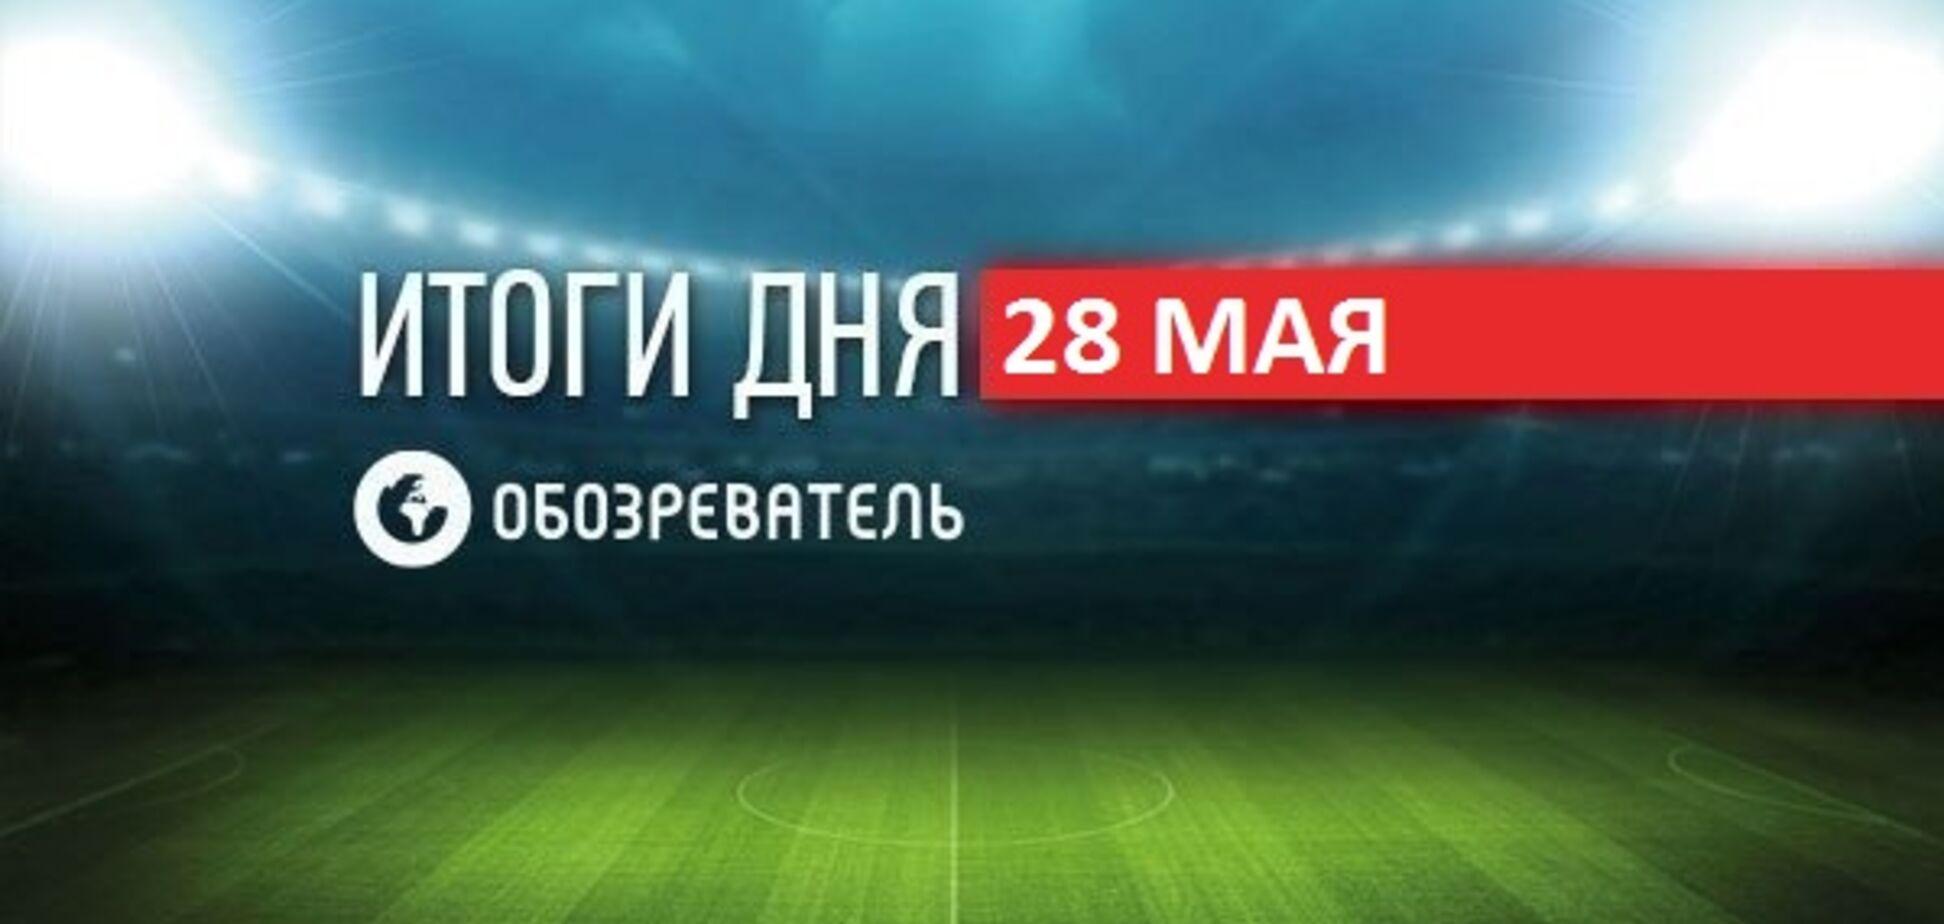 Російський коментатор Уткін встав на захист Усика: спортивні підсумки 29 травня